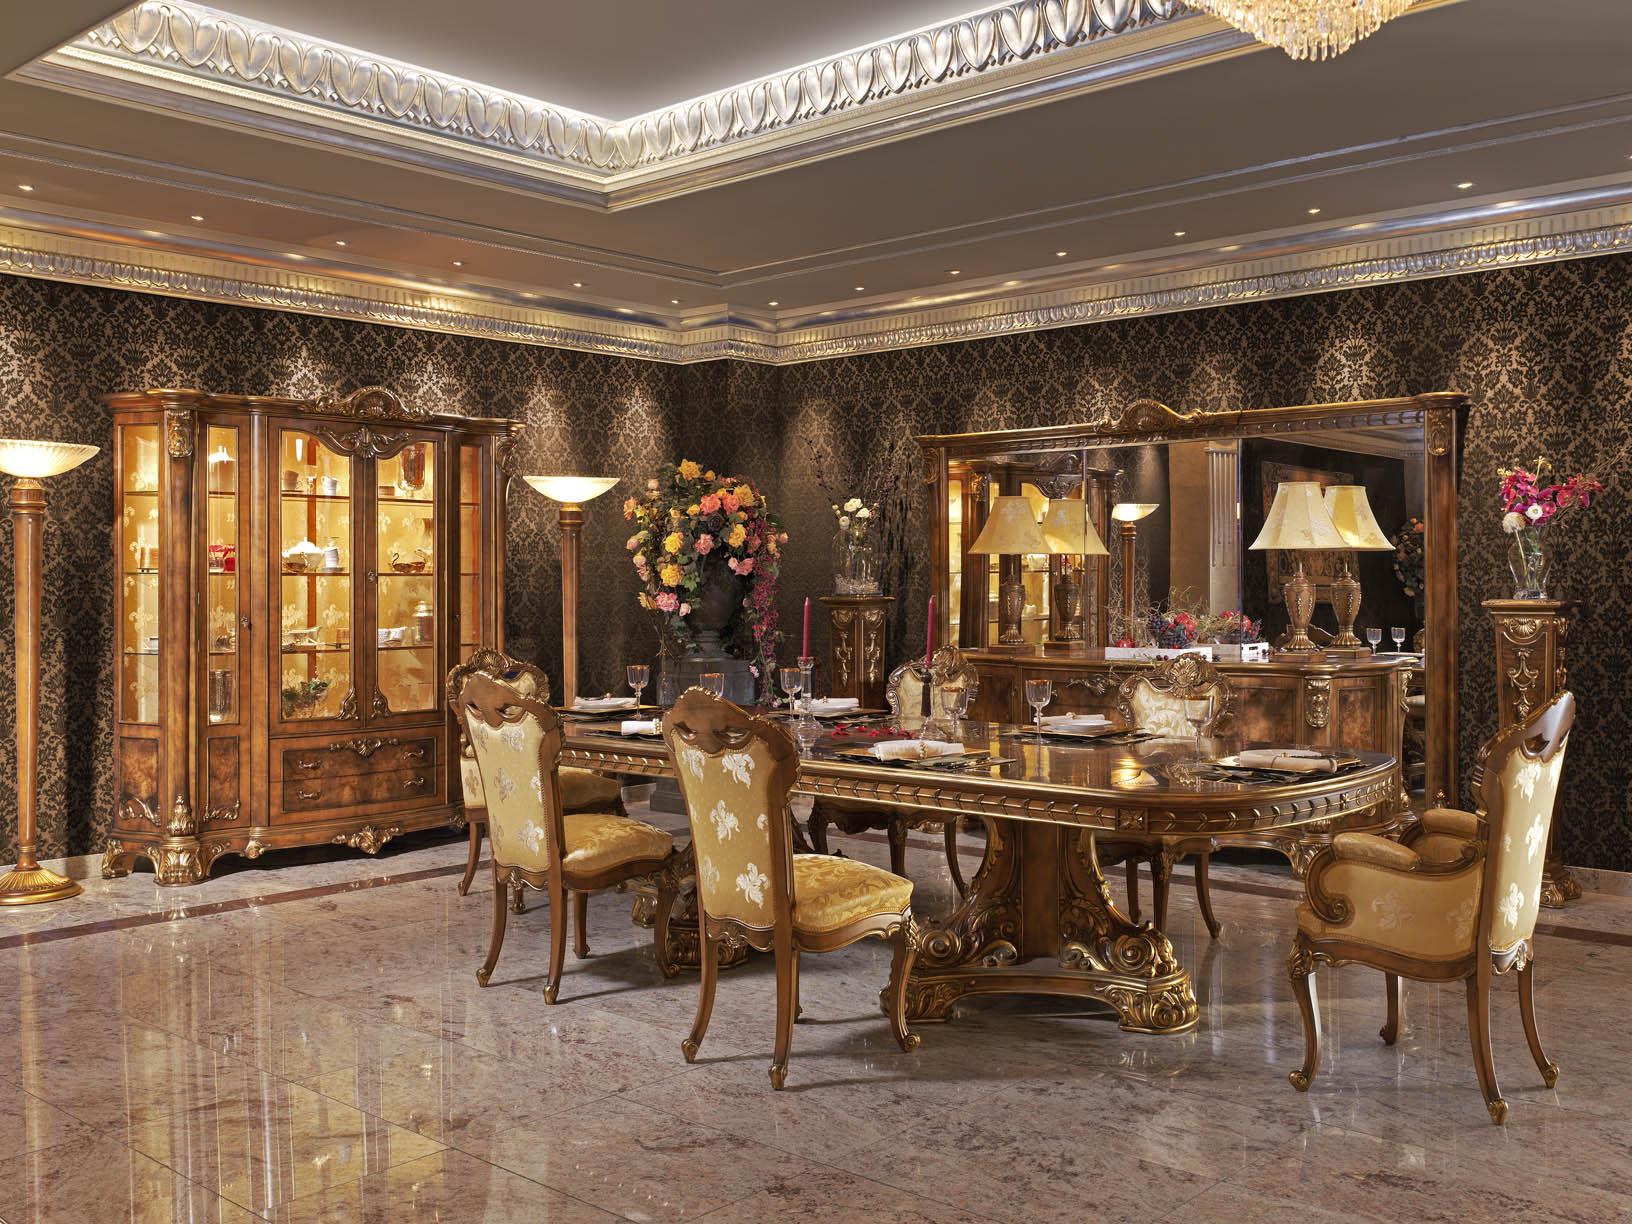 Резная мебель в стиле барокко